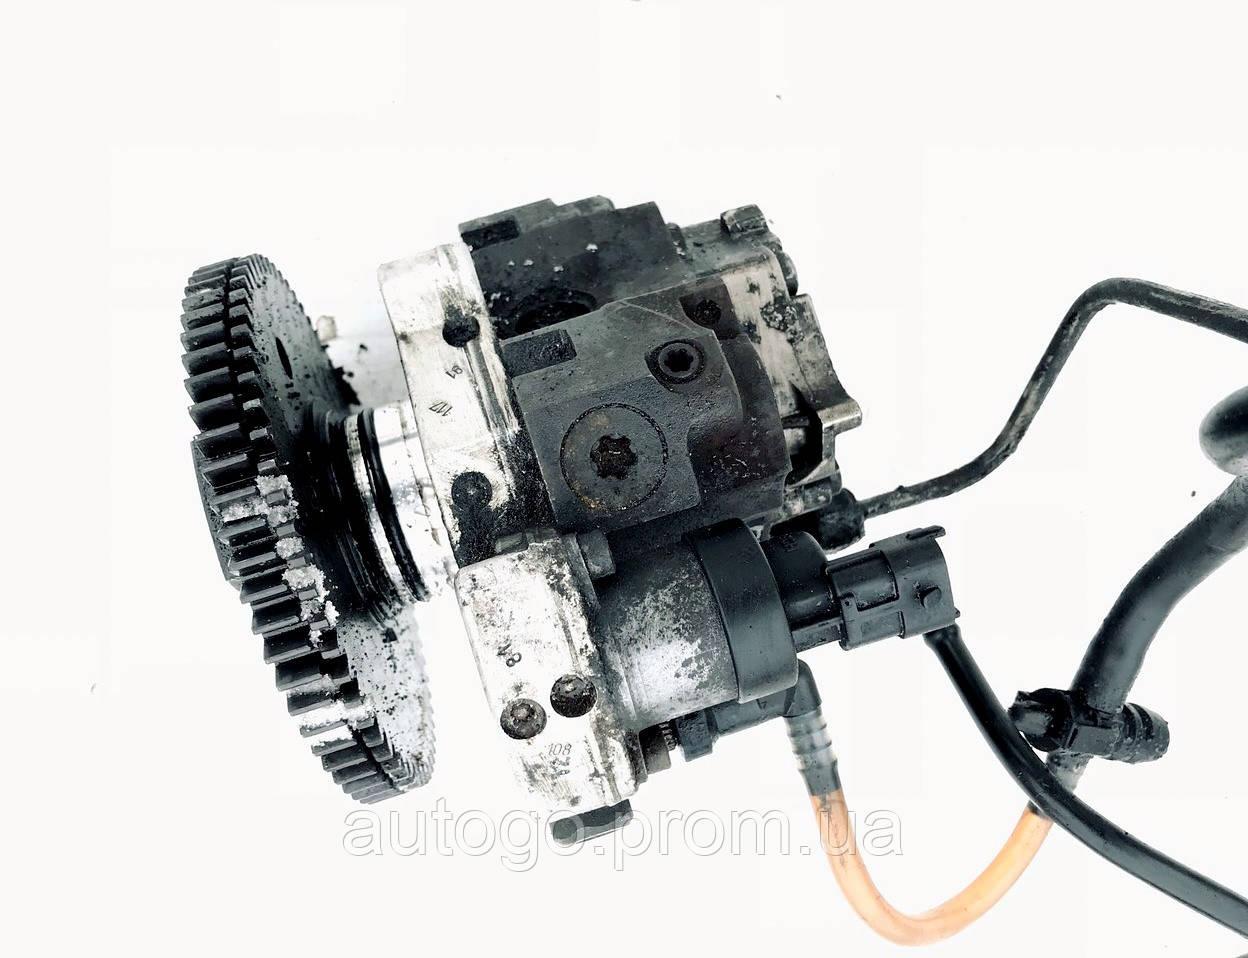 ТНВД Opel Vivaro Movano Renault Trafic Master Laguna Espace 2.2 DCI 2.5 DCI 8200170377 0445010033, фото 1